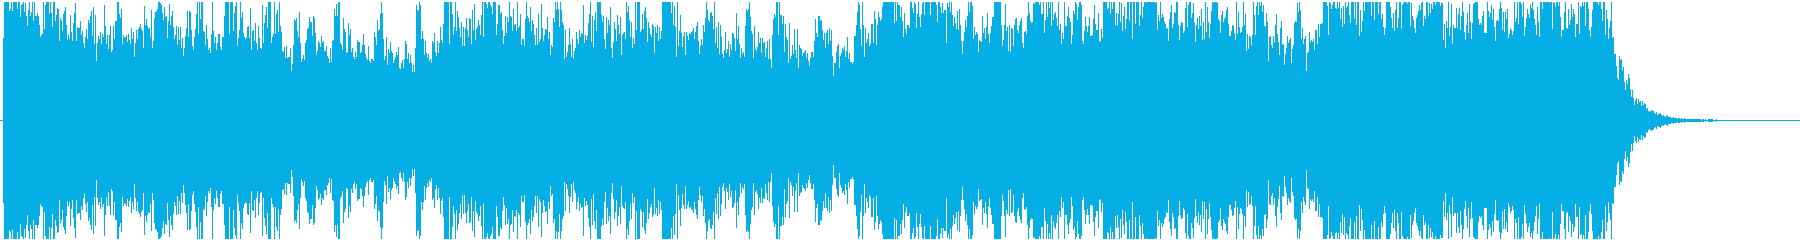 エピック 心に強く訴える 音楽の再生済みの波形